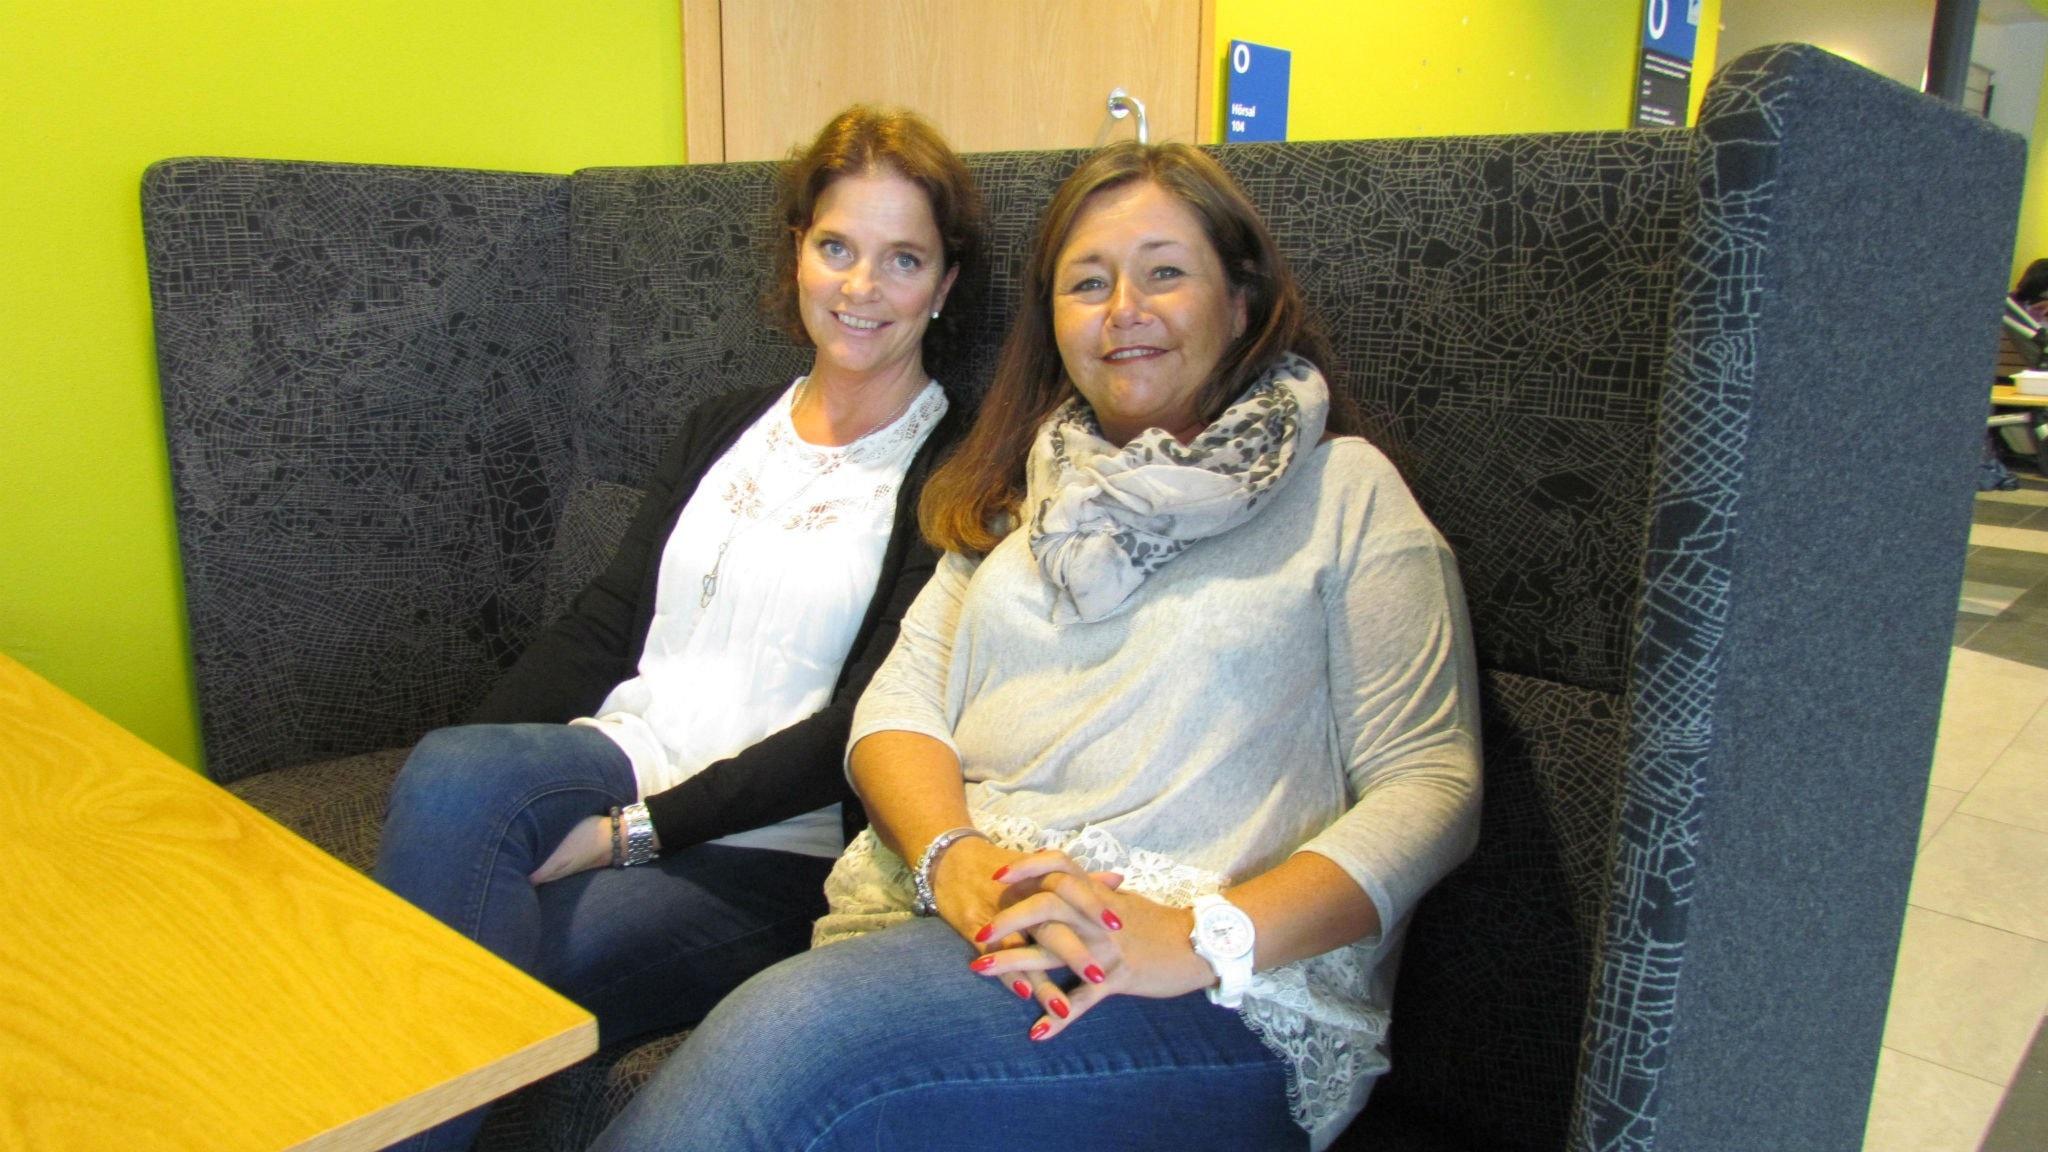 Personlig assistent till kvinna 50 + i Onsala. | Jobbsafari